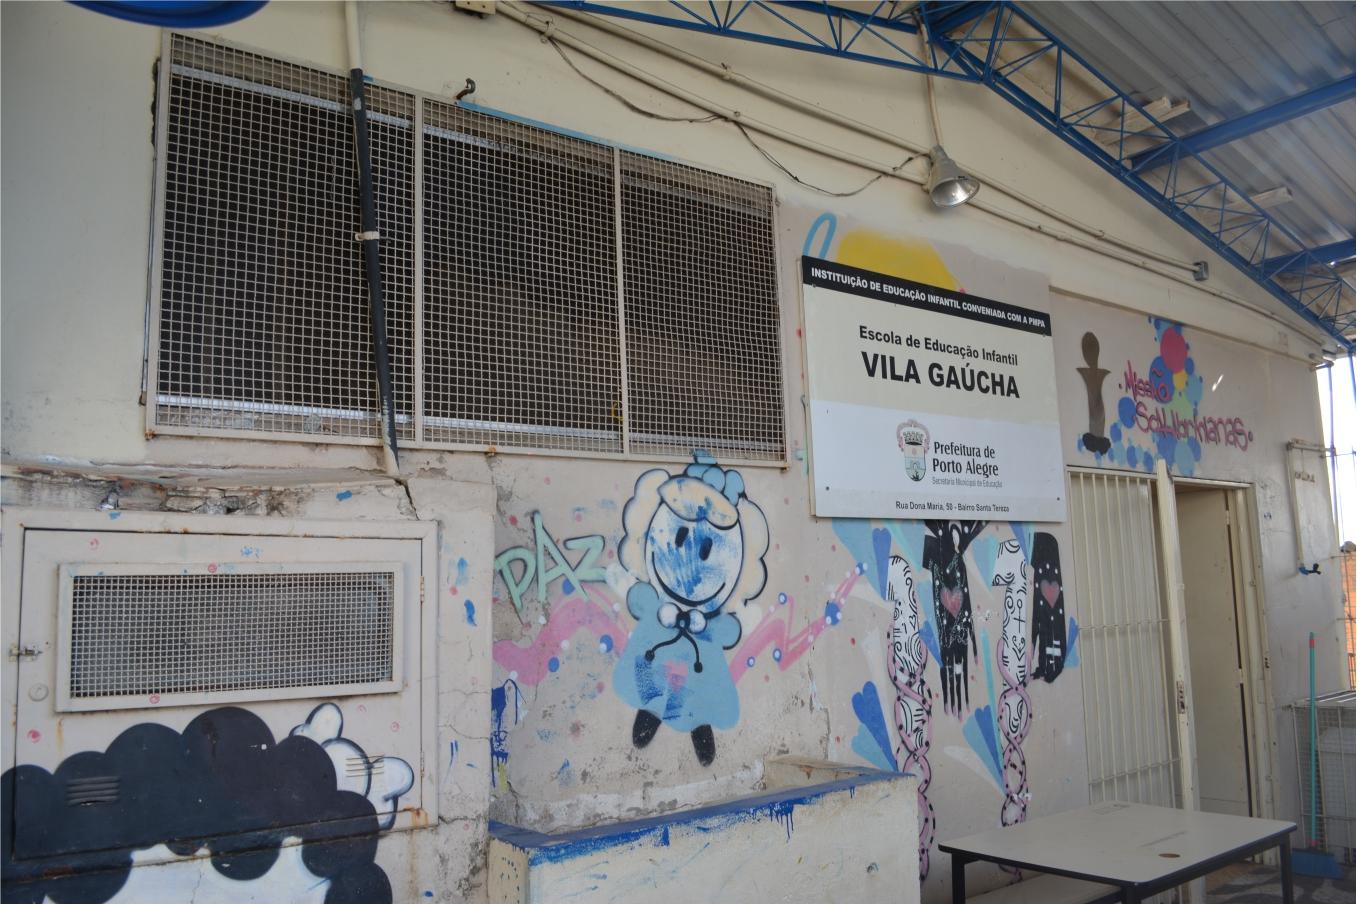 Escola de Educação Infantil Vila Gaúcha